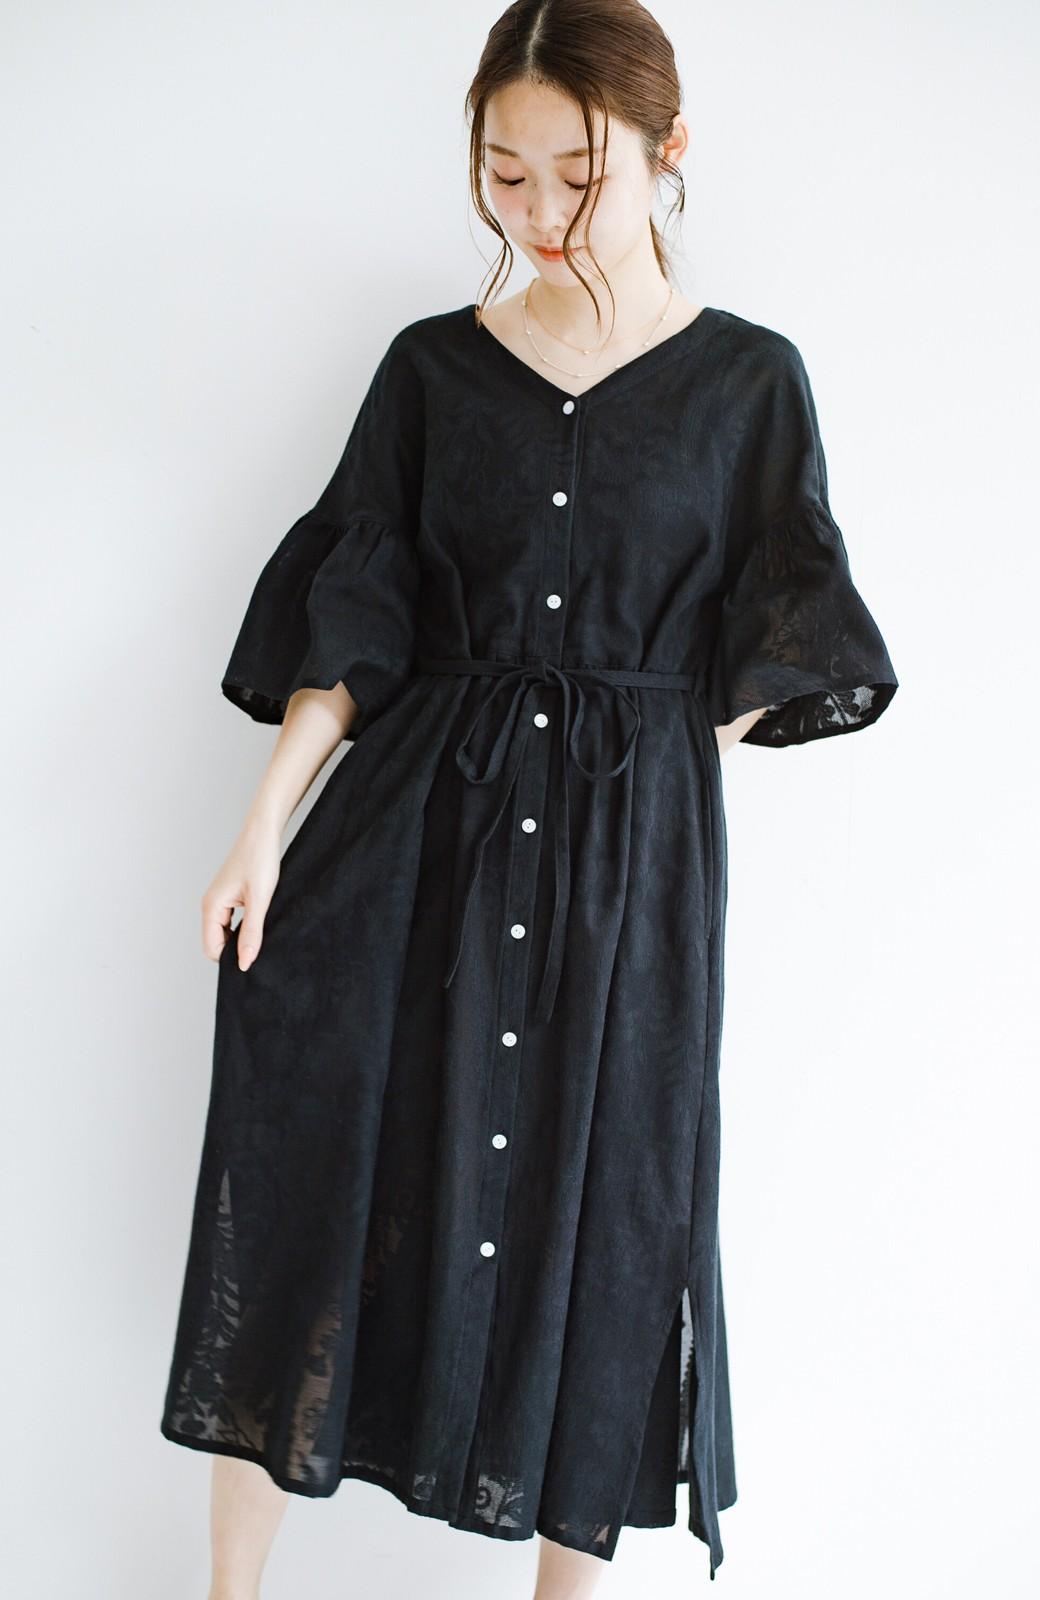 haco! 京都の浴衣屋さんと作った浴衣生地の羽織りにもなるワンピース <ブラック>の商品写真1